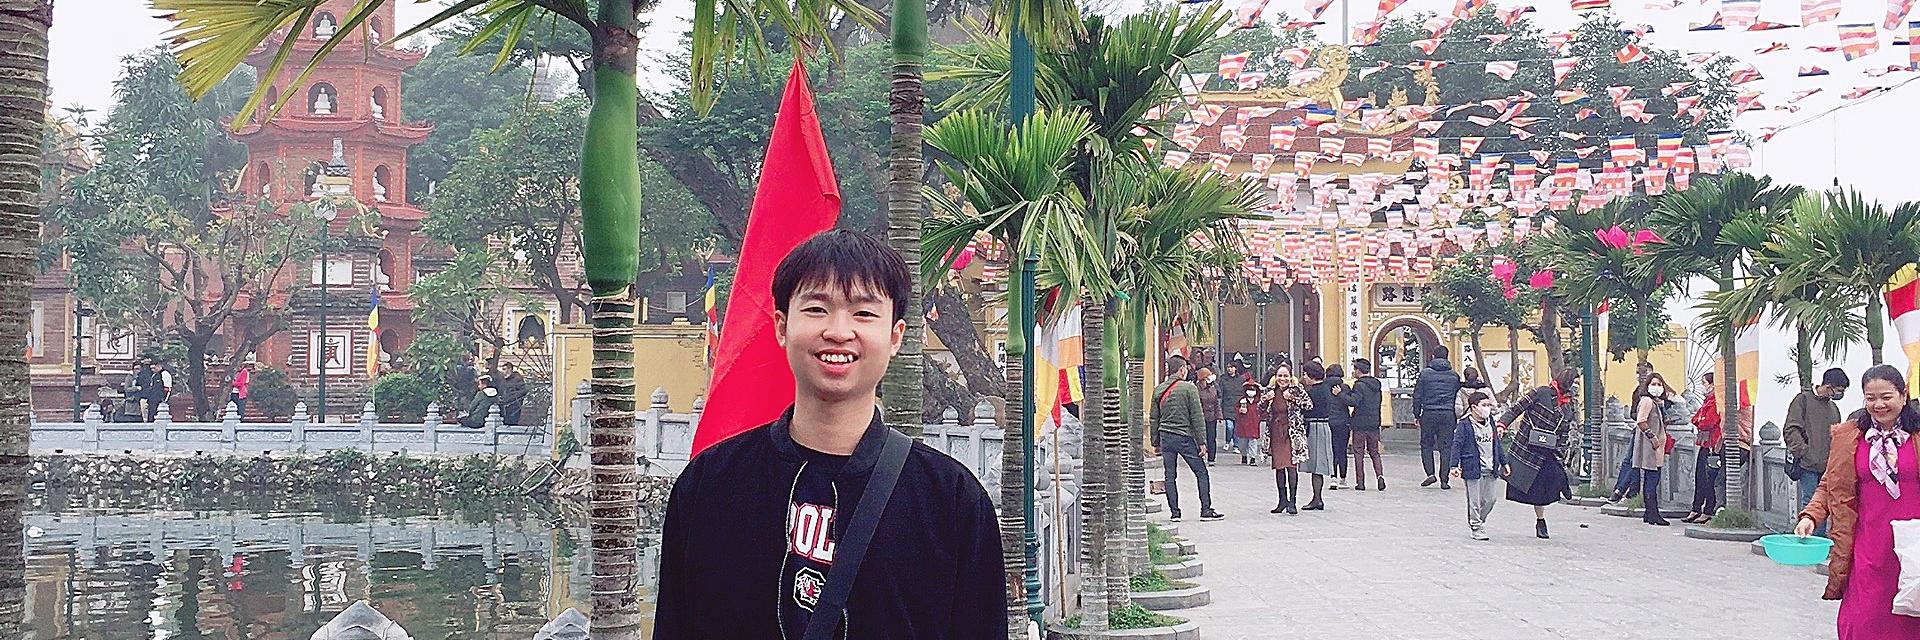 https://gody.vn/blog/nguyenbactn08094249/post/khoanh-khac-tet-2020-cua-minh-o-ha-noi-7045